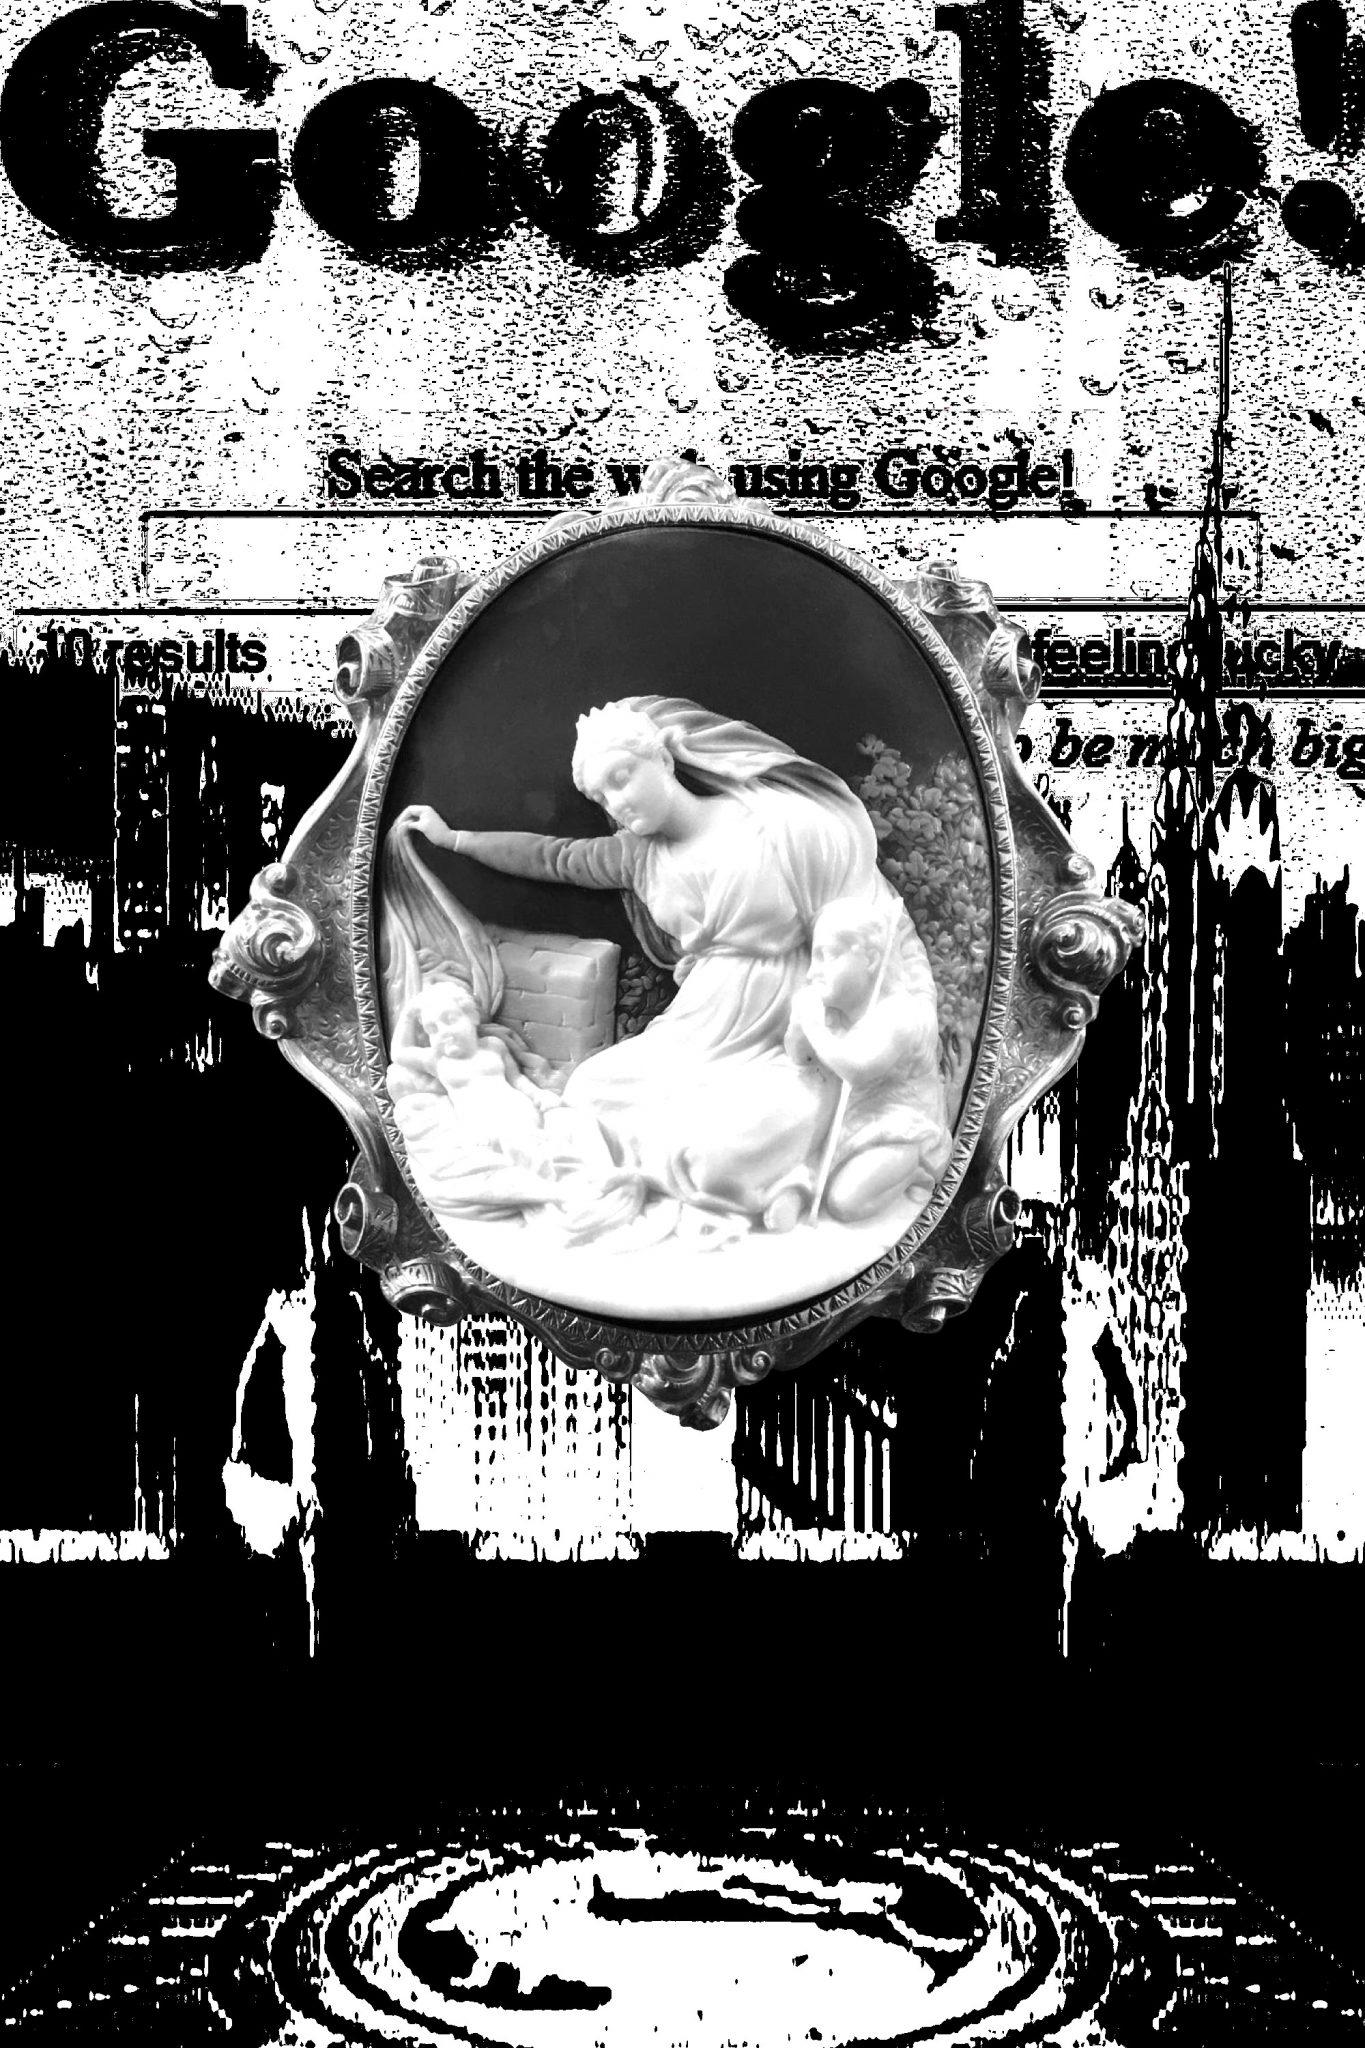 Shorlspace 21 𝑏𝑦 Danielle Keller